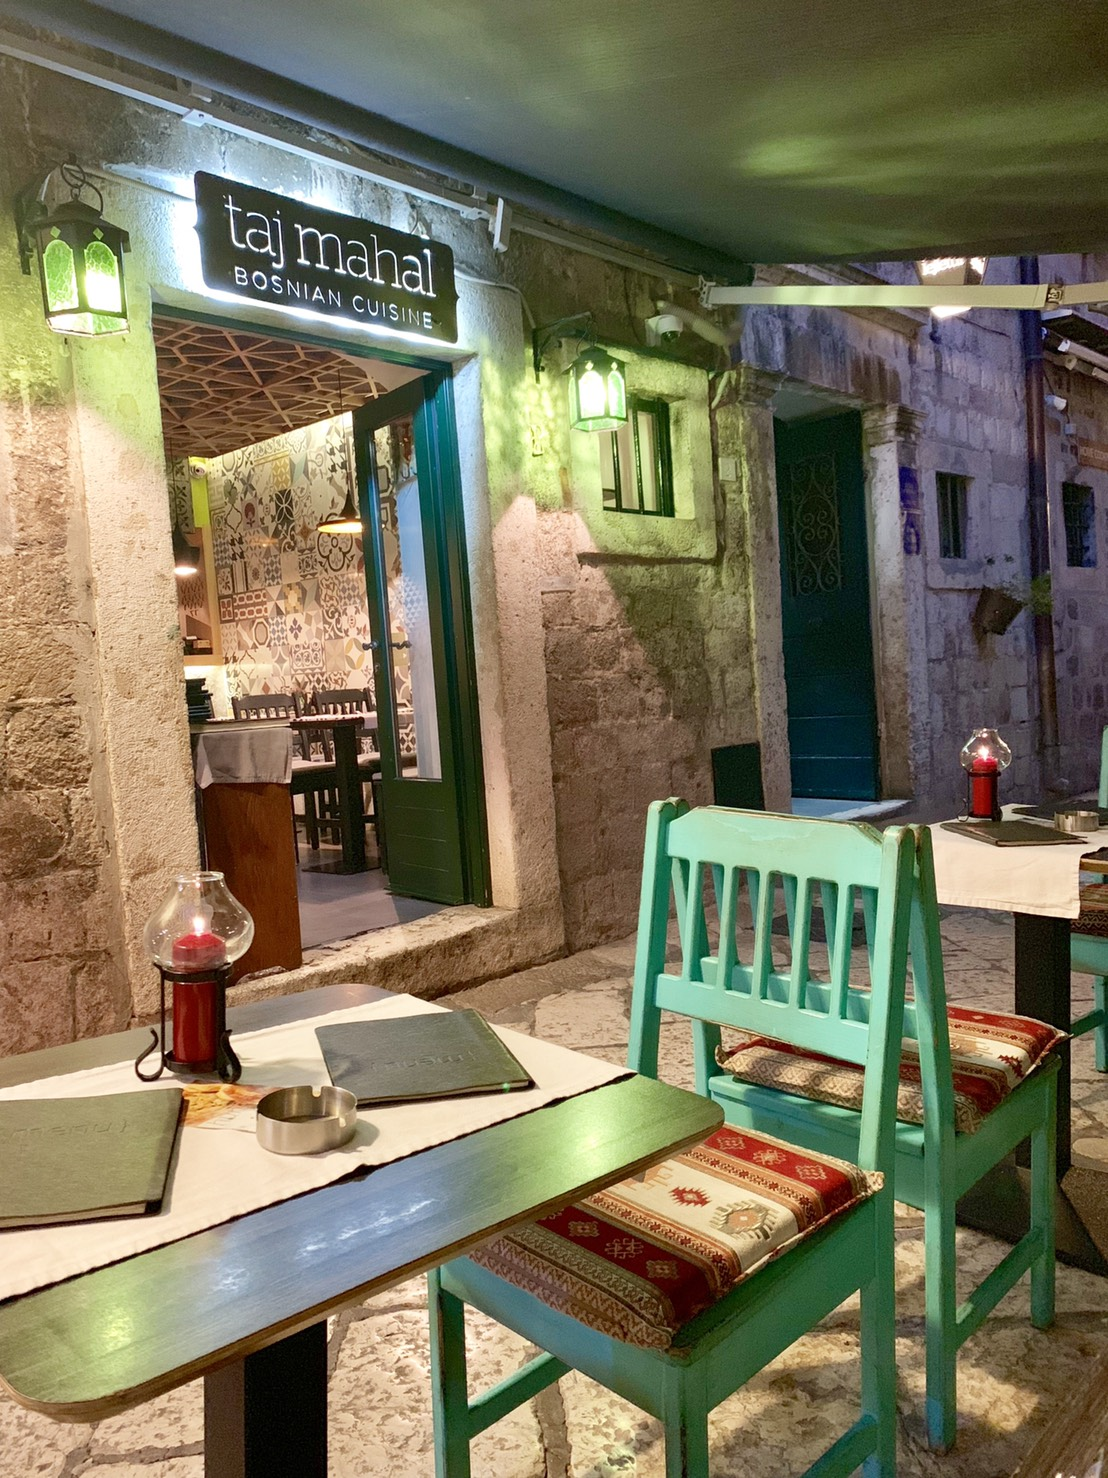 ボスニア料理専門店「Taj Mahal」